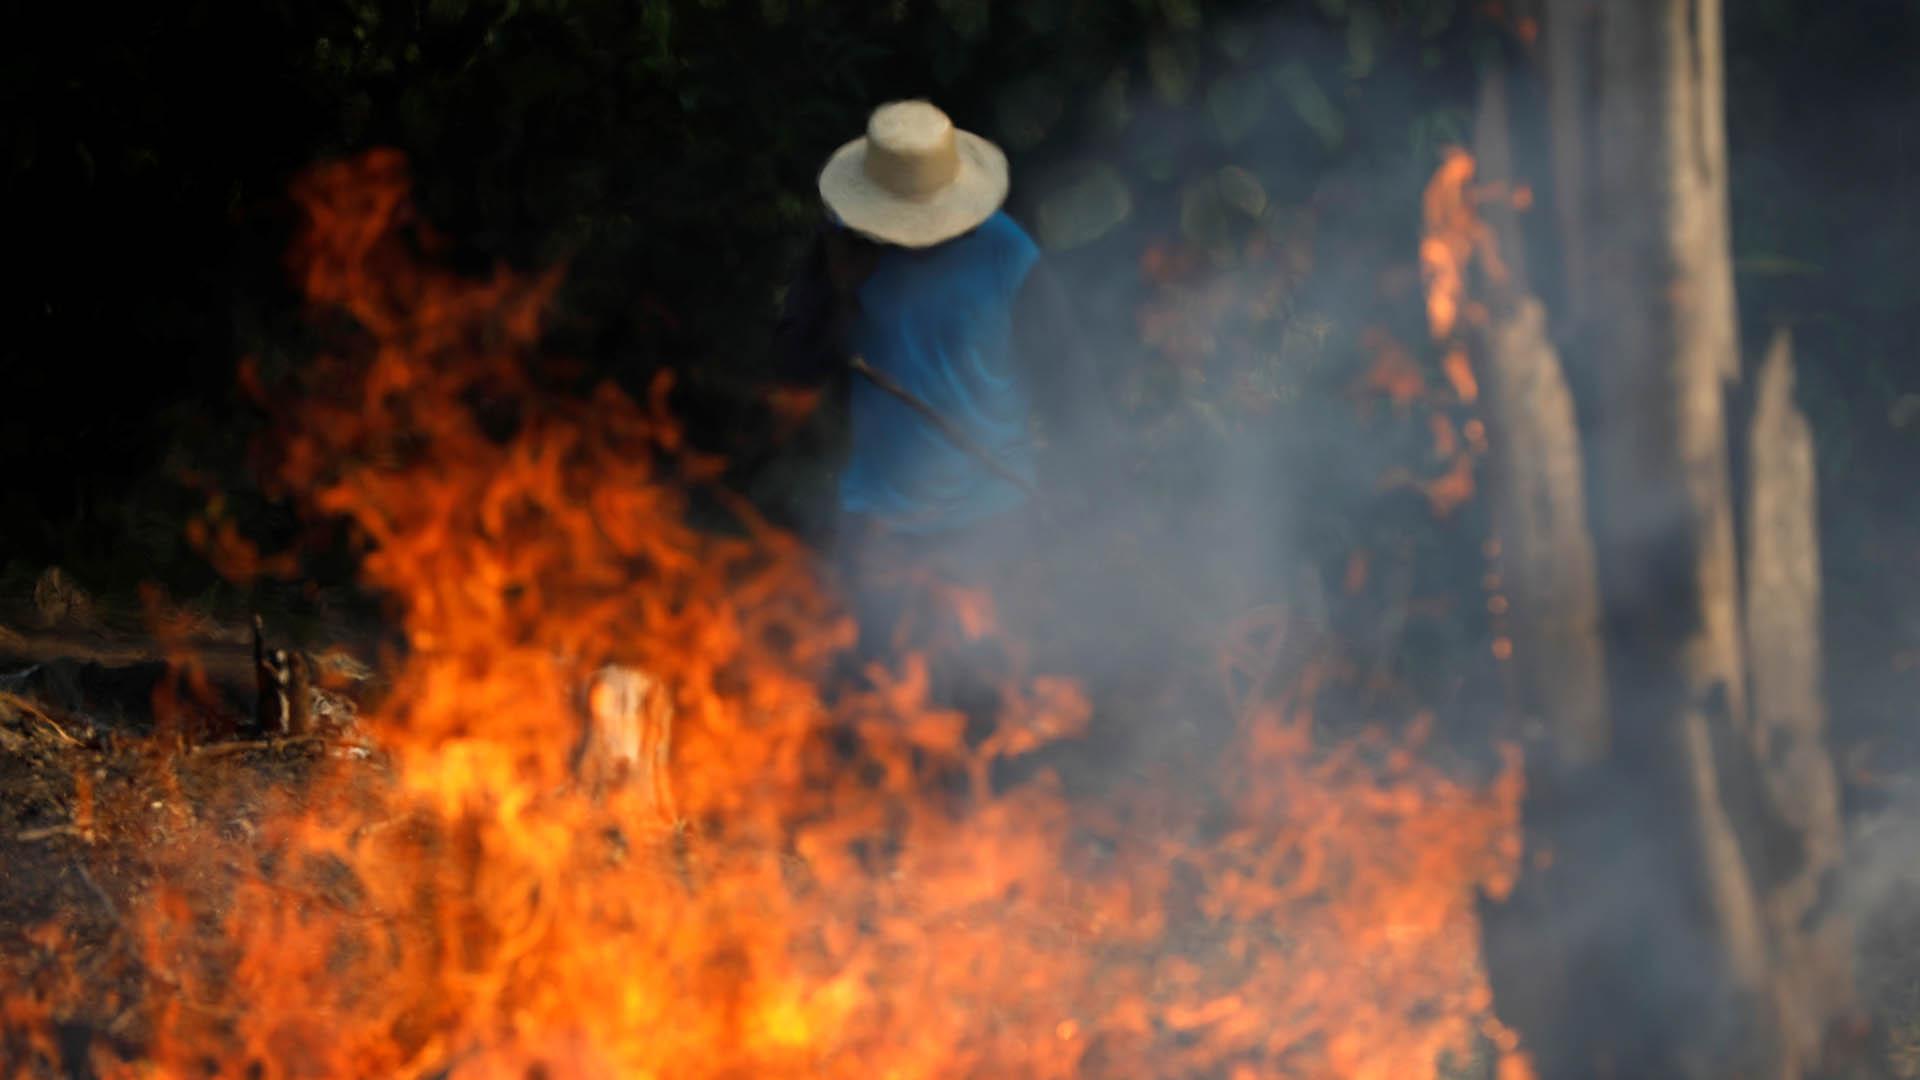 Un hombre trabaja para apagar el fuego (Reuters/ Bruno Kelly)